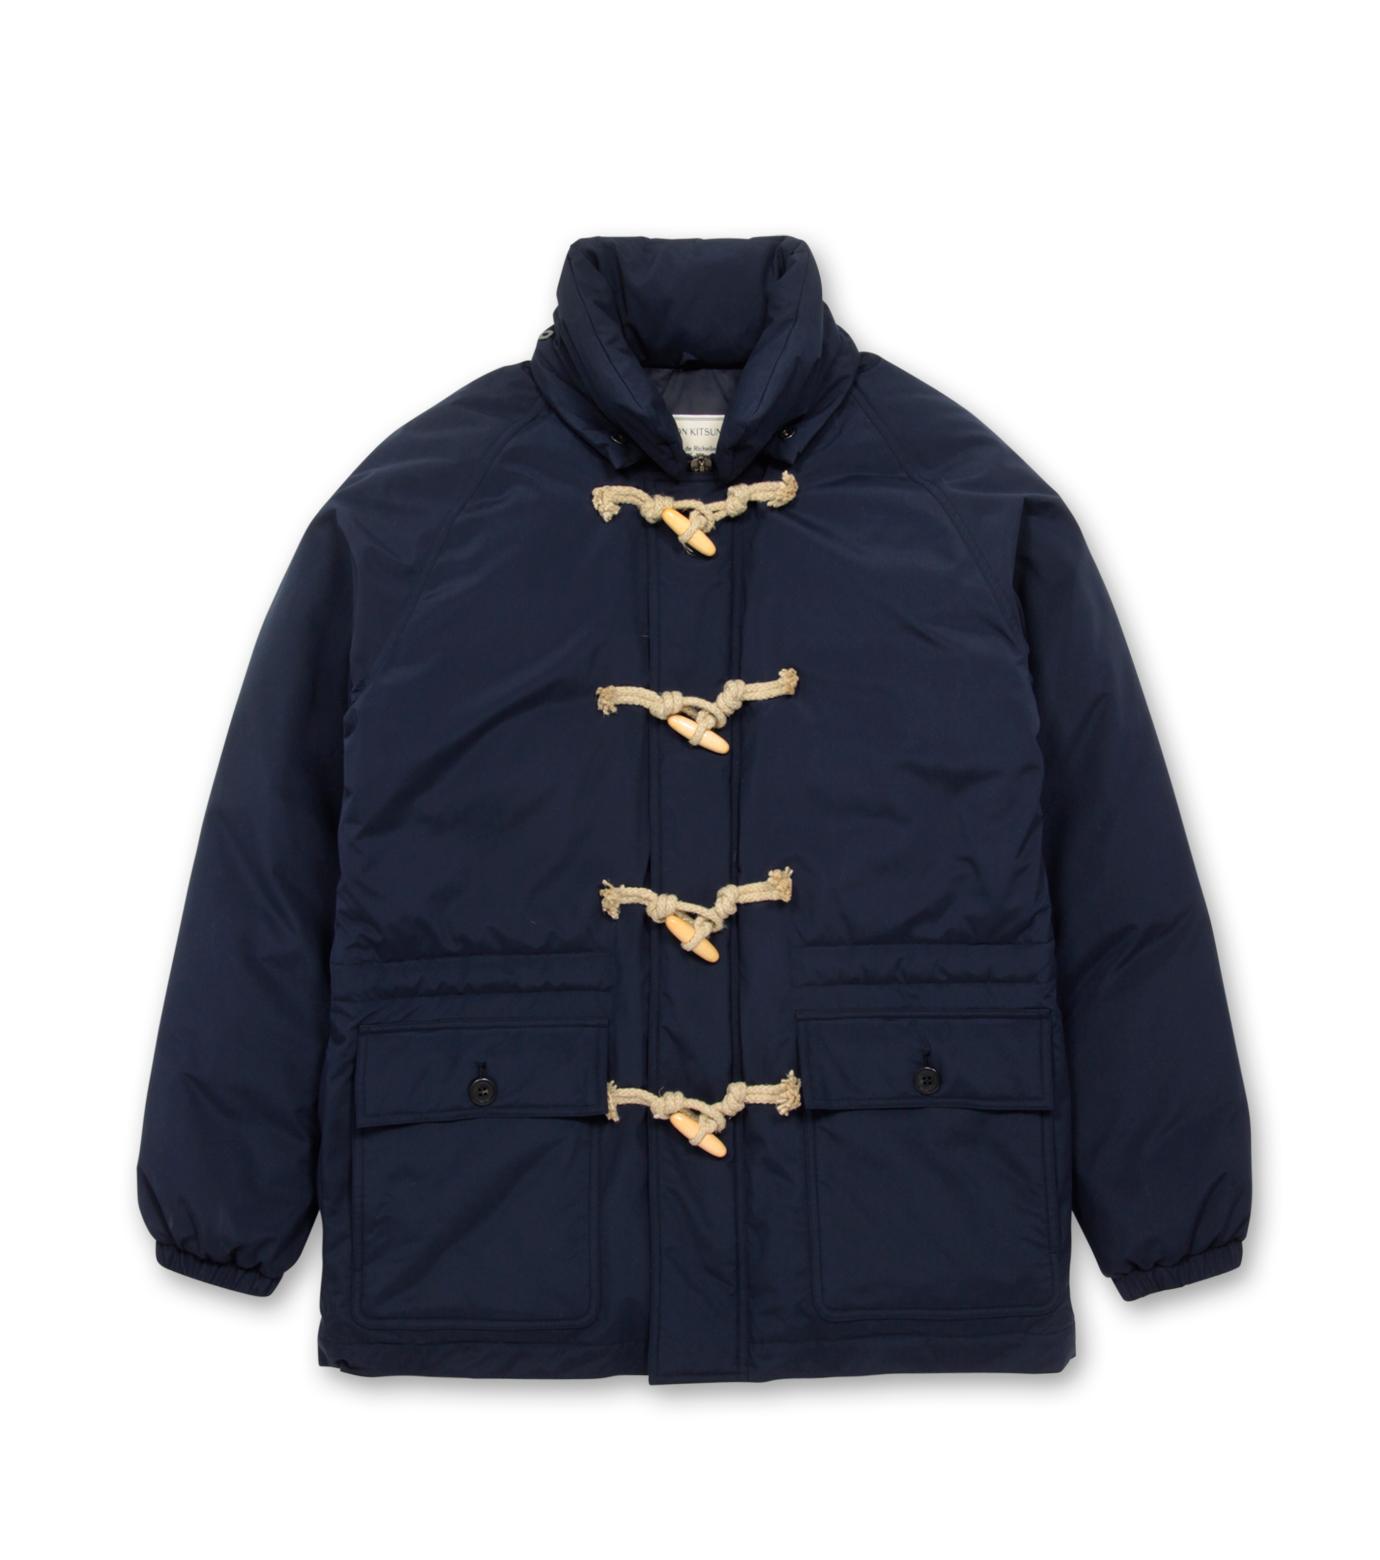 MAISON KITSUNÉ(メゾンキツネ)のMountain jacket-NAVY-FW11-056-OT 拡大詳細画像2